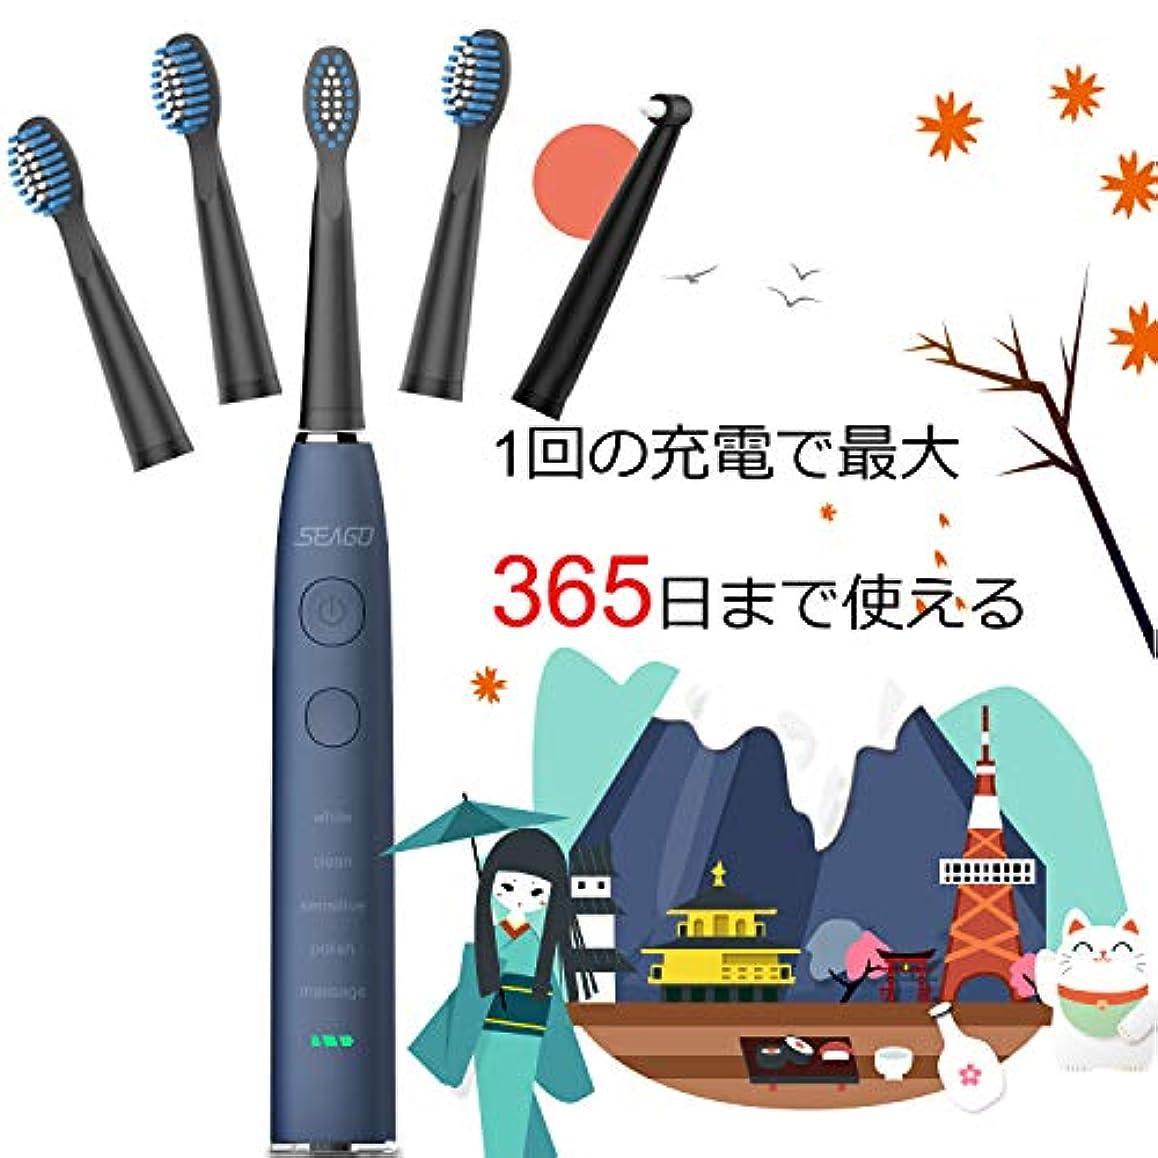 取り出すなかなか不測の事態電動歯ブラシ 歯ブラシ seago 音波歯ブラシ USB充電式8時間 365日に使用 IPX7防水 五つモードと2分オートタイマー機能搭載 替えブラシ5本 12ヶ月メーカー保証 SG-575(ブルー)